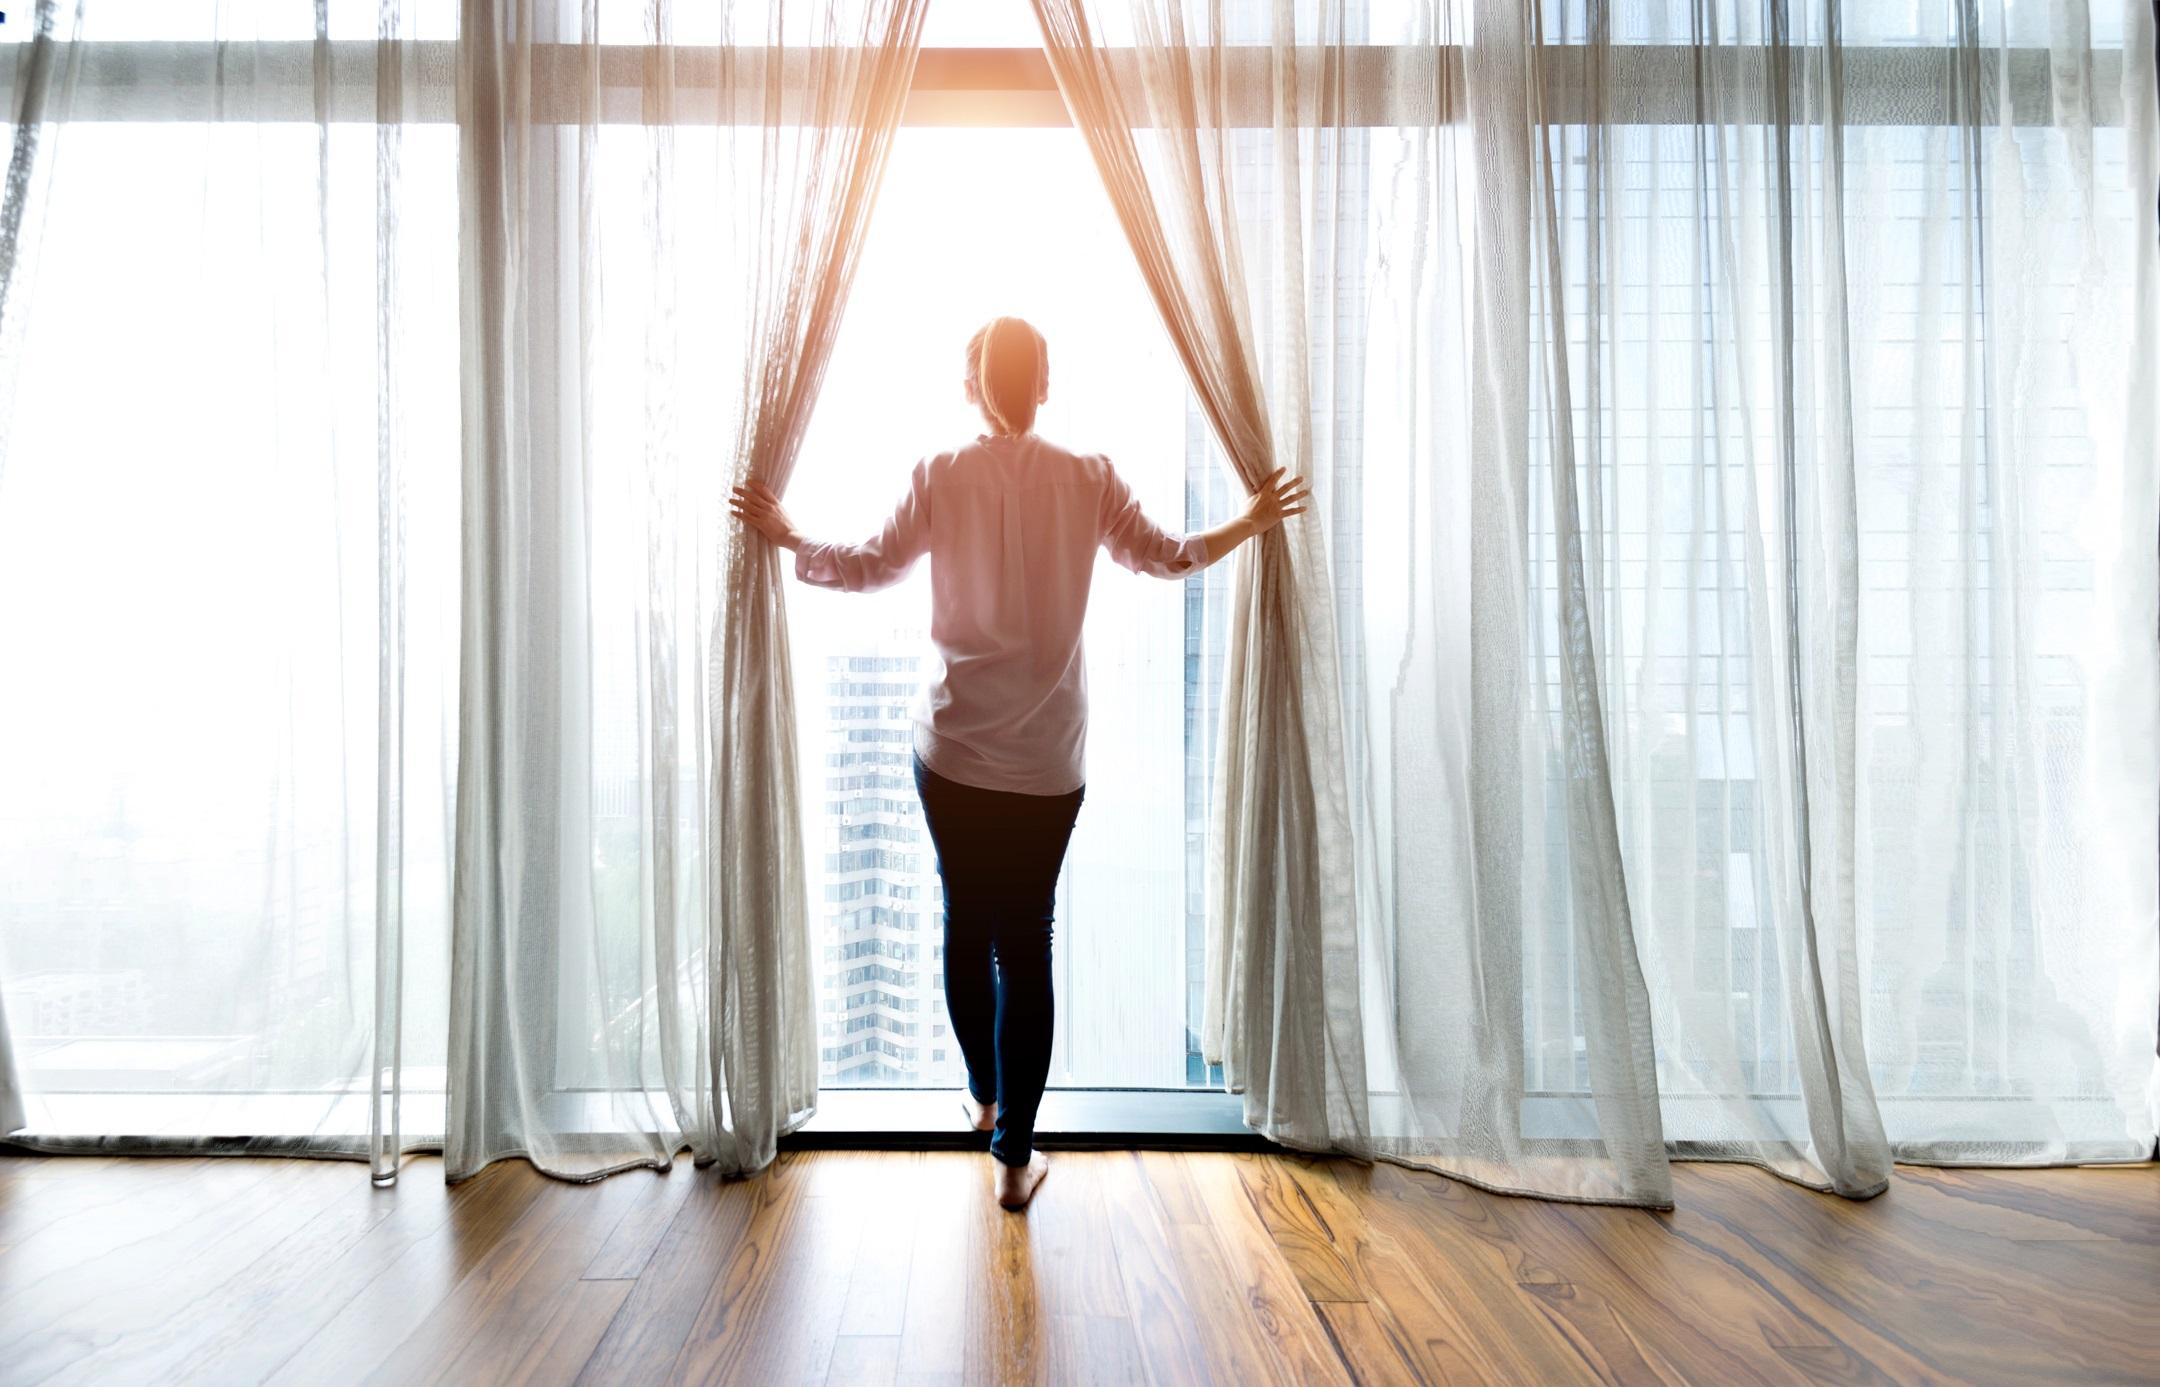 <p>Ако слънцето грее, отворете щорите! Нека слънчевите лъчи греят през прозорците ви и се наслаждавайте на естествения източник на светлина за няколко часа всеки ден. Слънцето ще повиши настроението ви и ще ви позволи да си починете от изкуствените лампи и светлините за малко.</p>